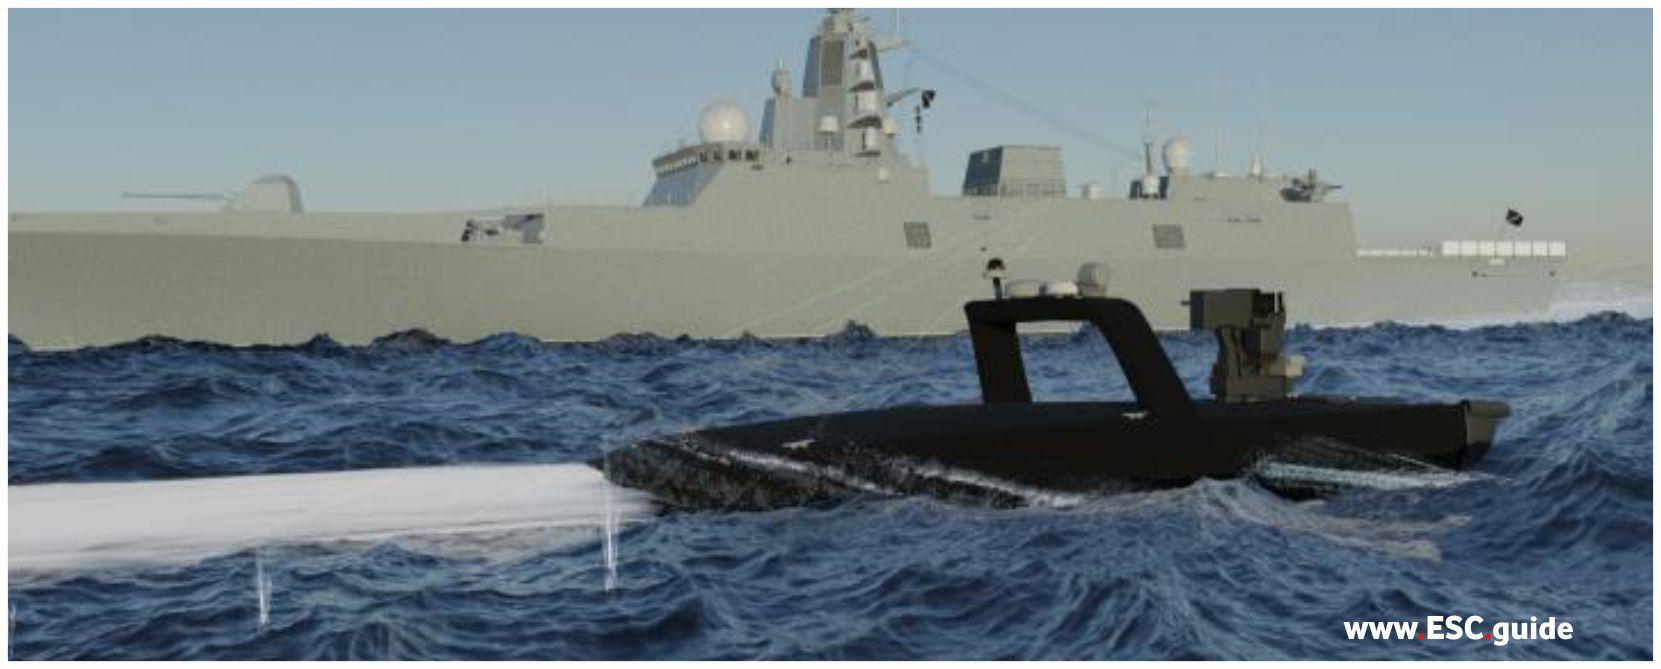 MANTAS T38 harass adversarial vessel.